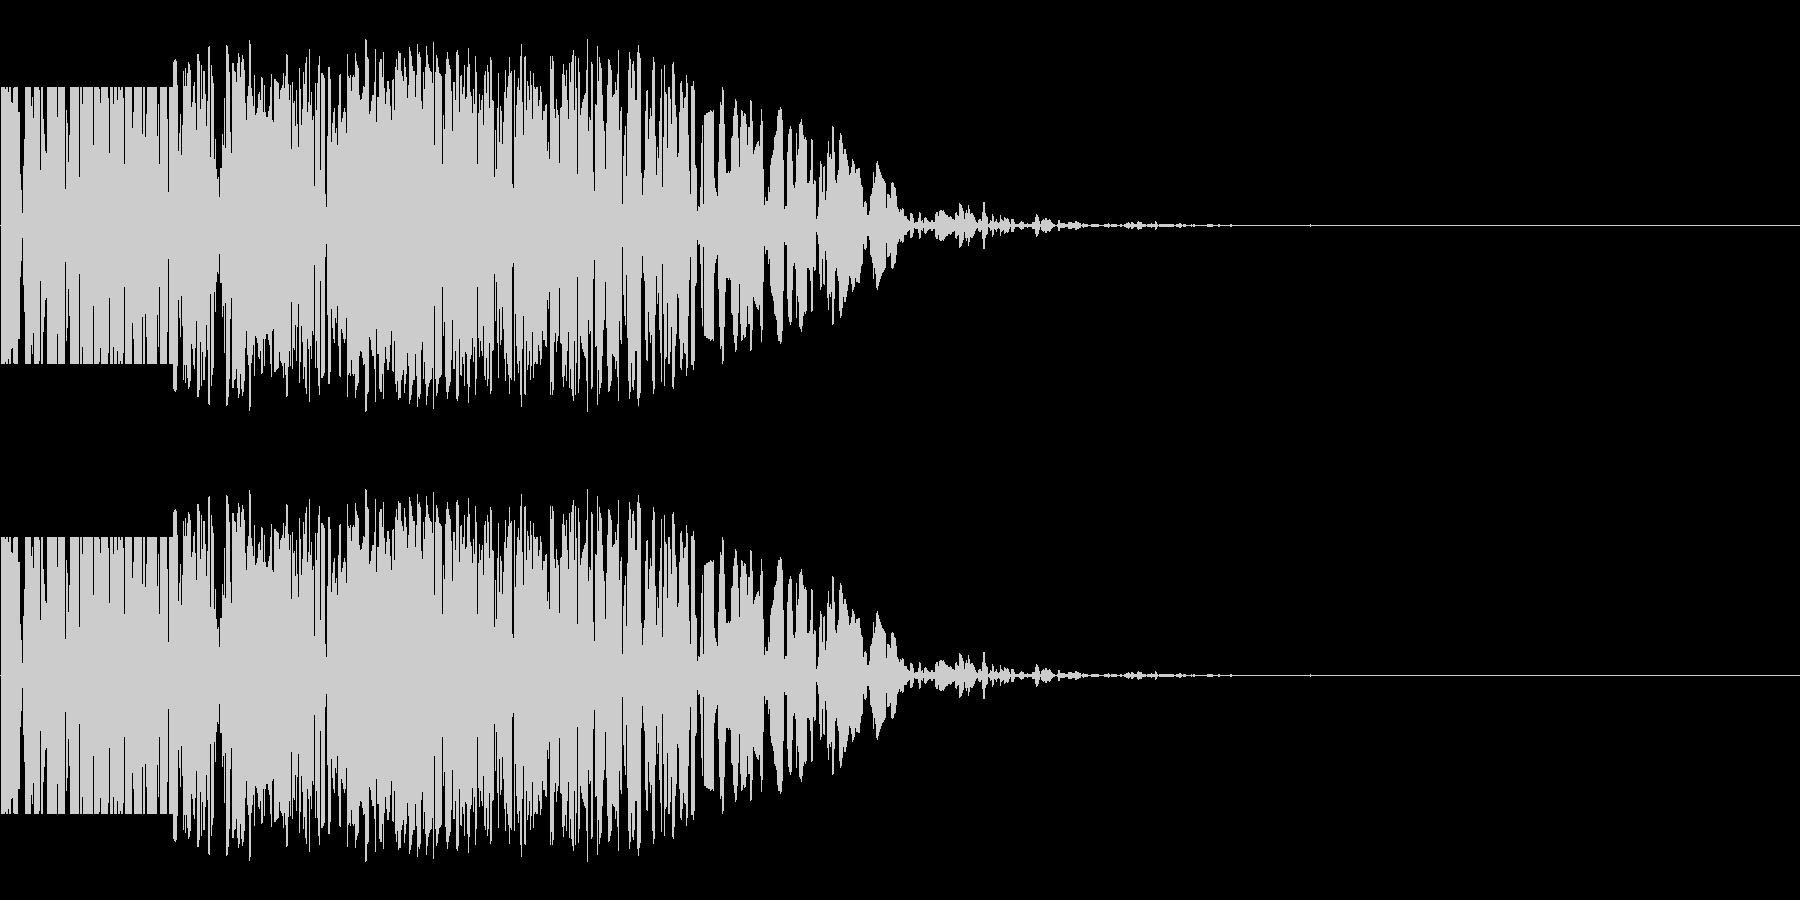 ズシン(重い足音系)03の未再生の波形